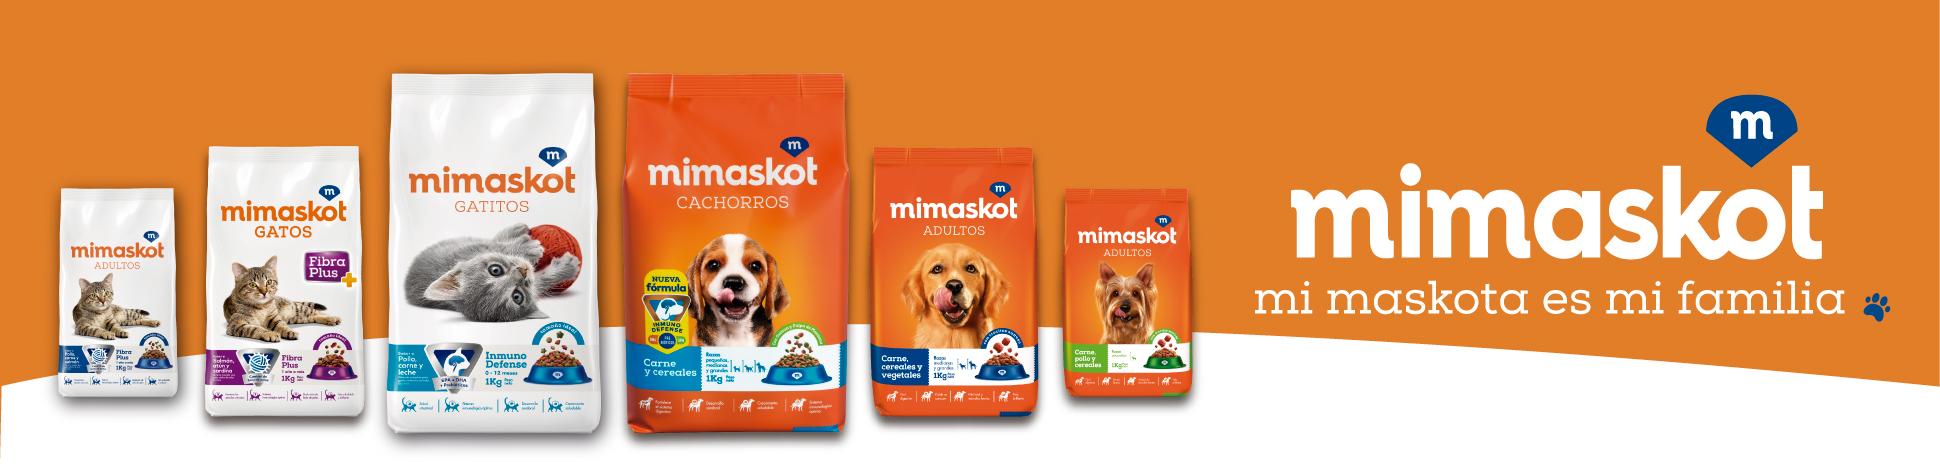 BANNER-mascotas.jpg | Juntoz.com